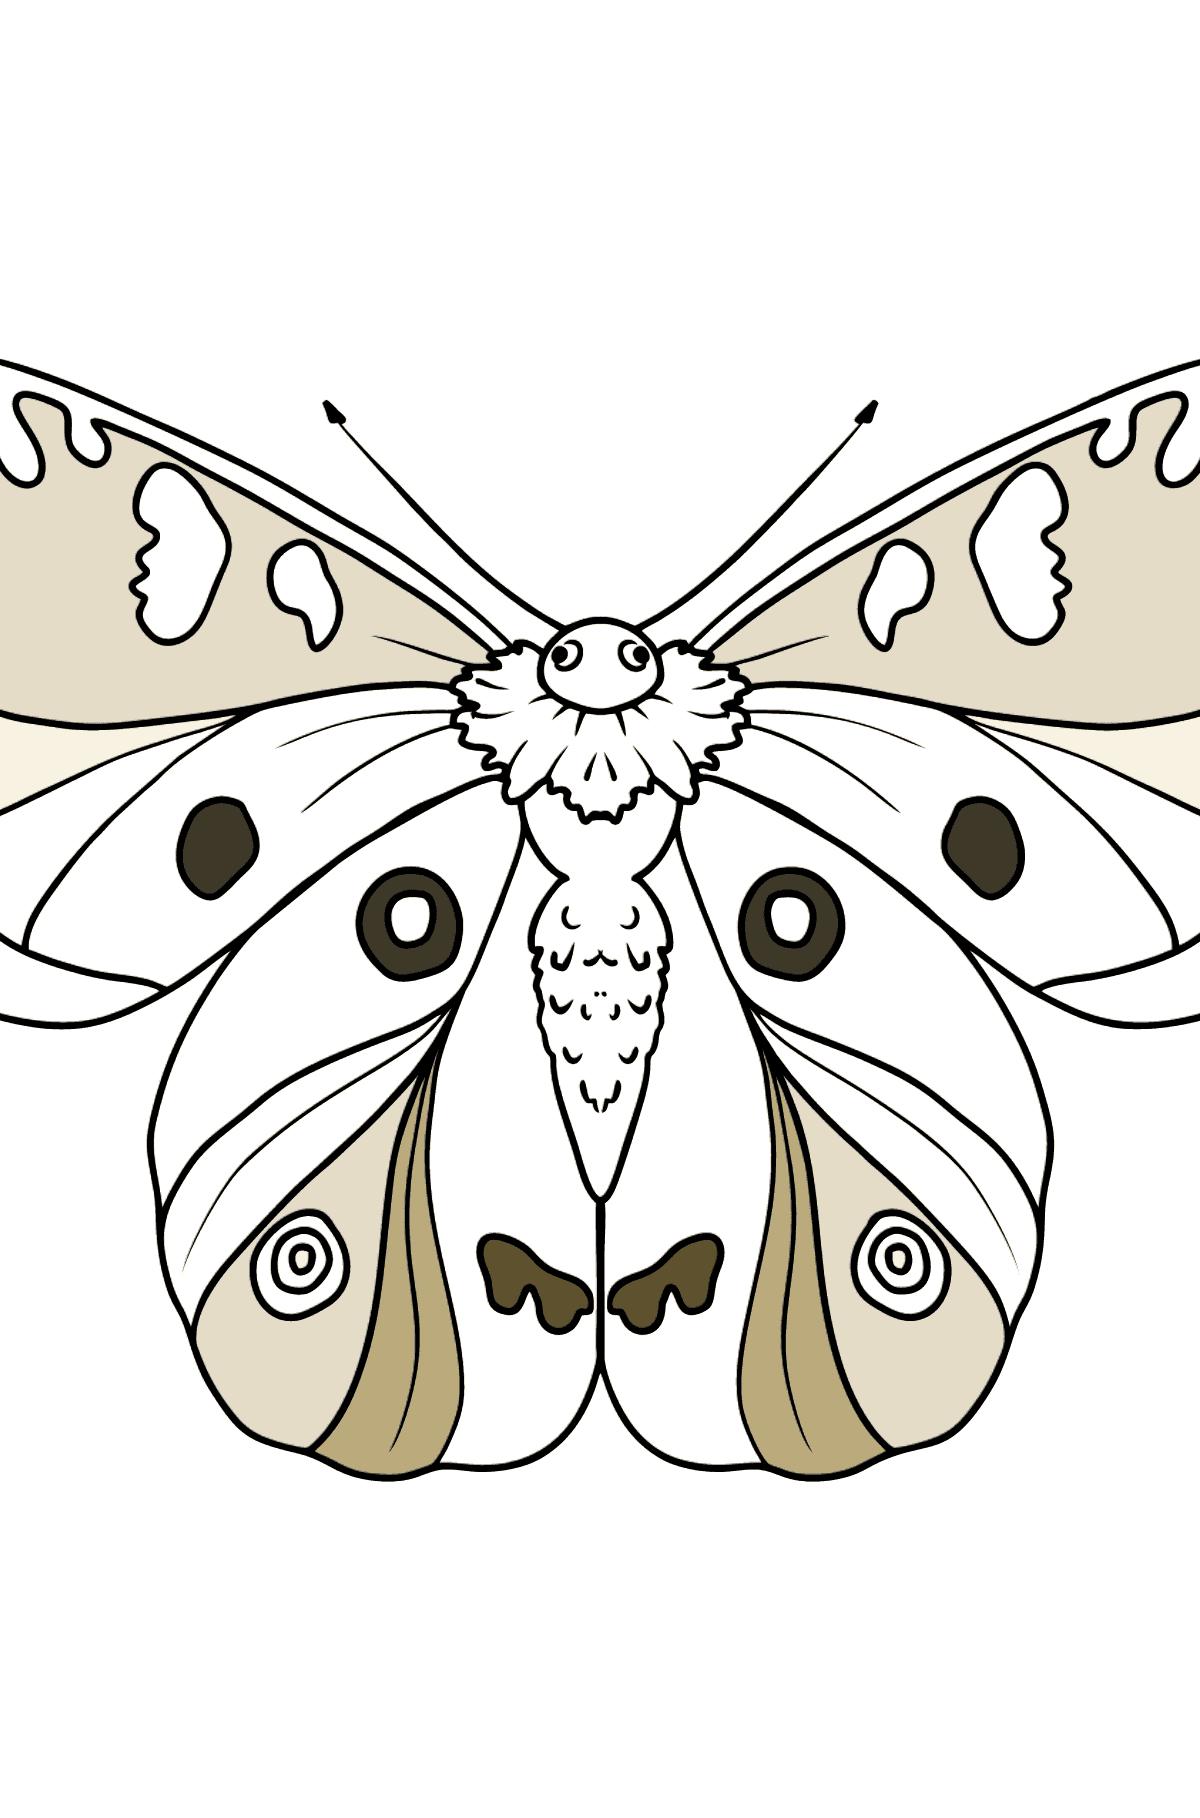 Desenho para colorir de Apollo Butterfly